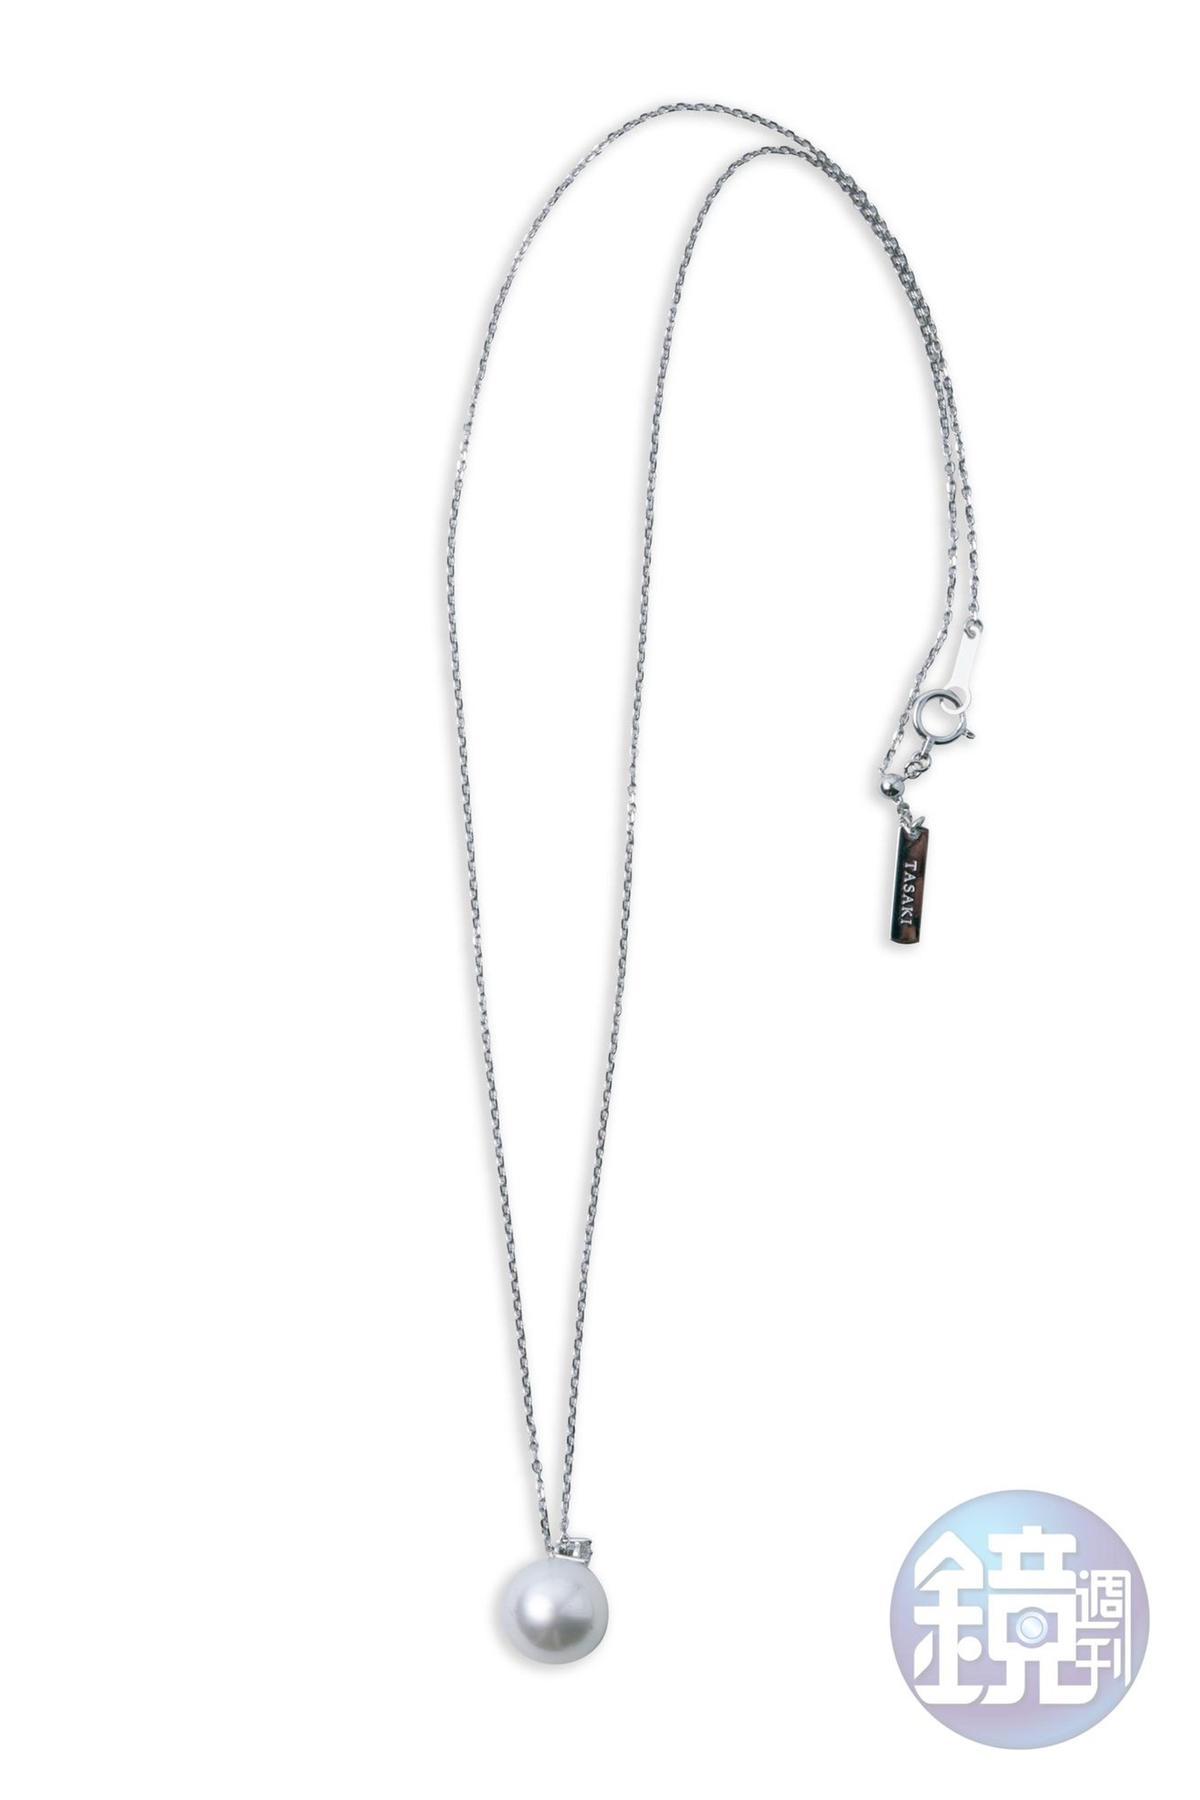 TASAKI珍珠項鍊是今年的母親節禮物,約NT$100,000。